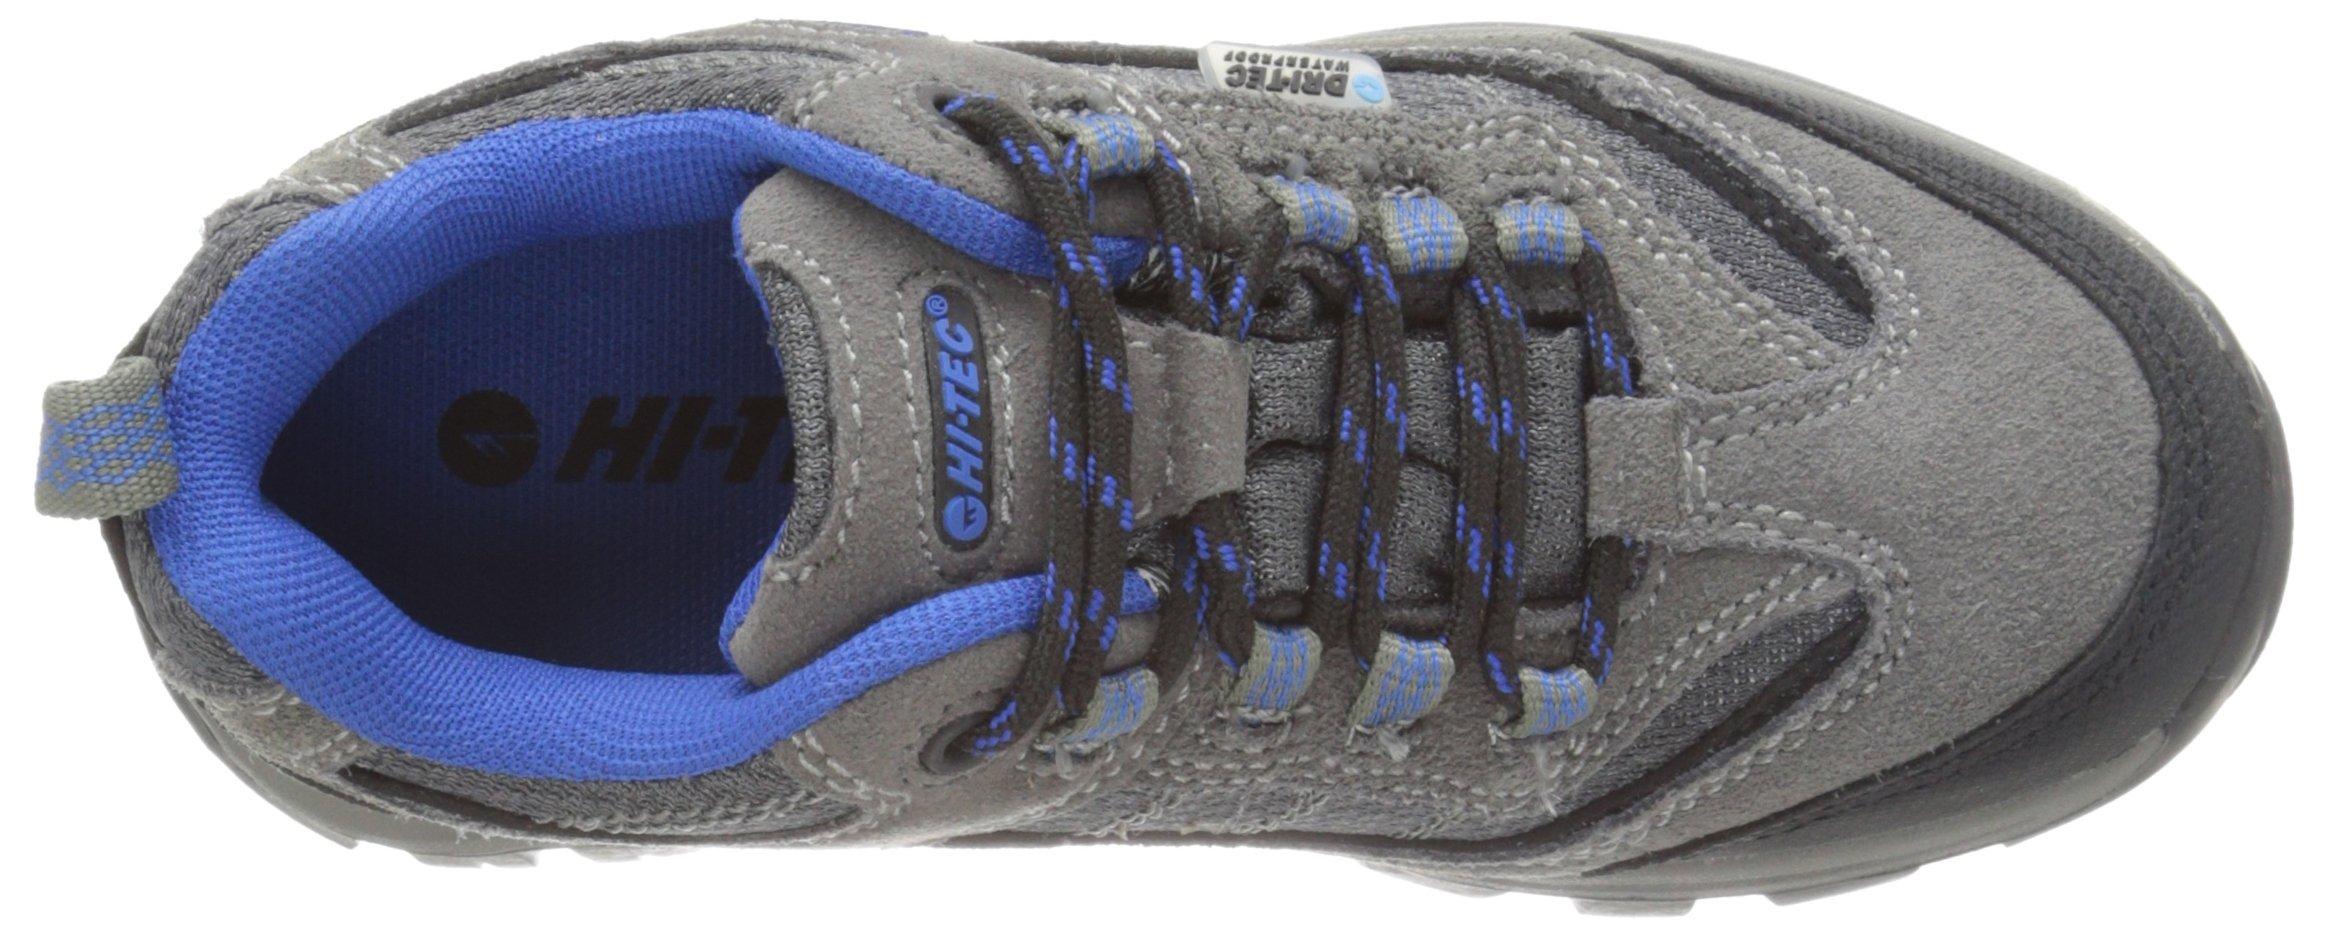 Hi-Tec Hillside Low WP Jr - K, Charcoal/Blue/Black, 6 M US Big Kid by Hi-Tec (Image #8)